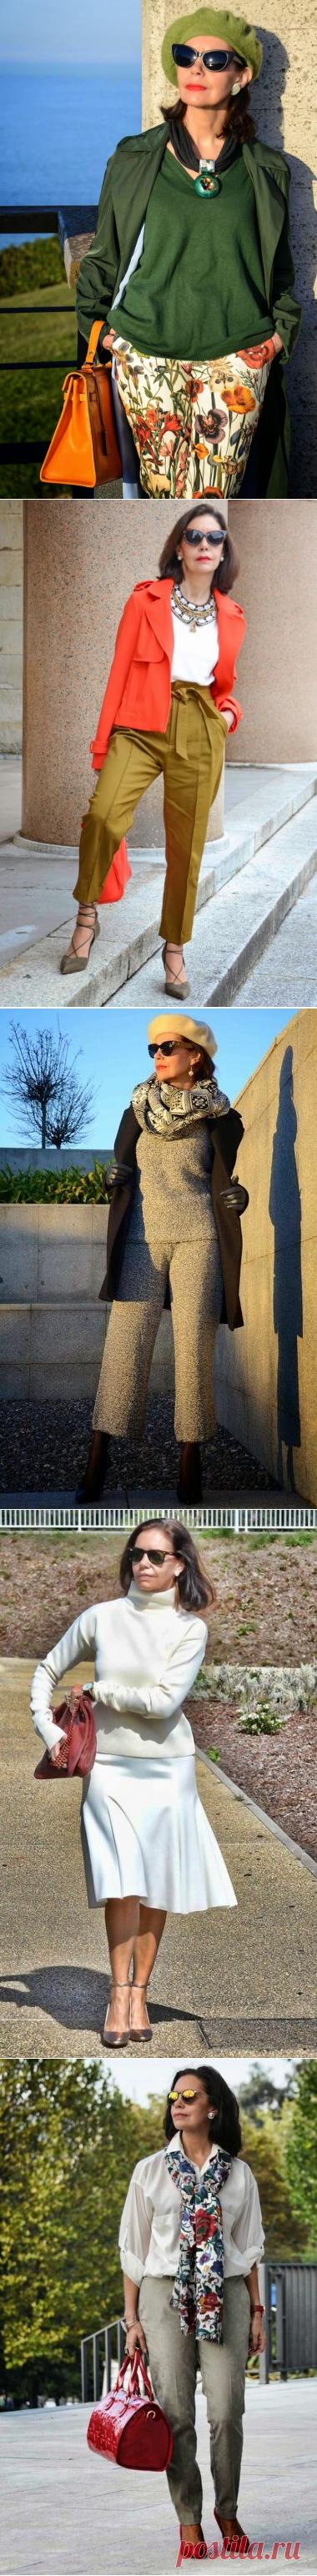 Стиль изящной модницы после 50. Вам ещё есть что показать | Glamiss | Яндекс Дзен